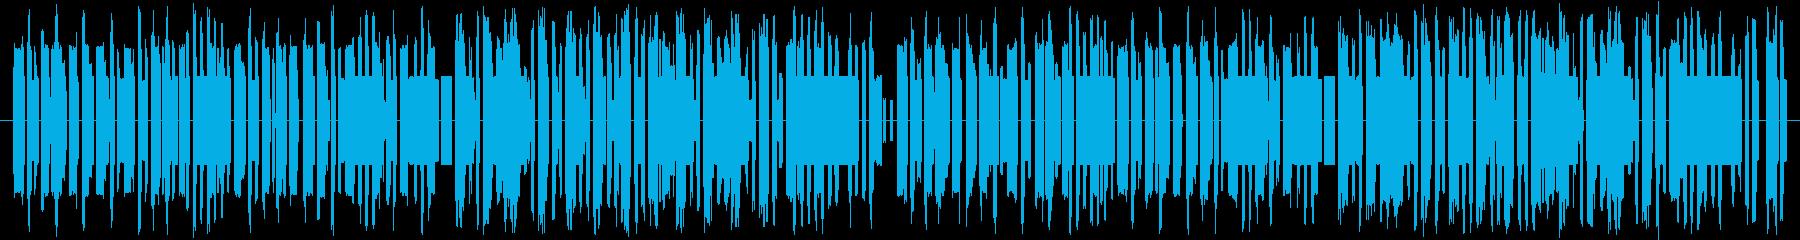 軽快でかっこいい感じの8bit和風の再生済みの波形